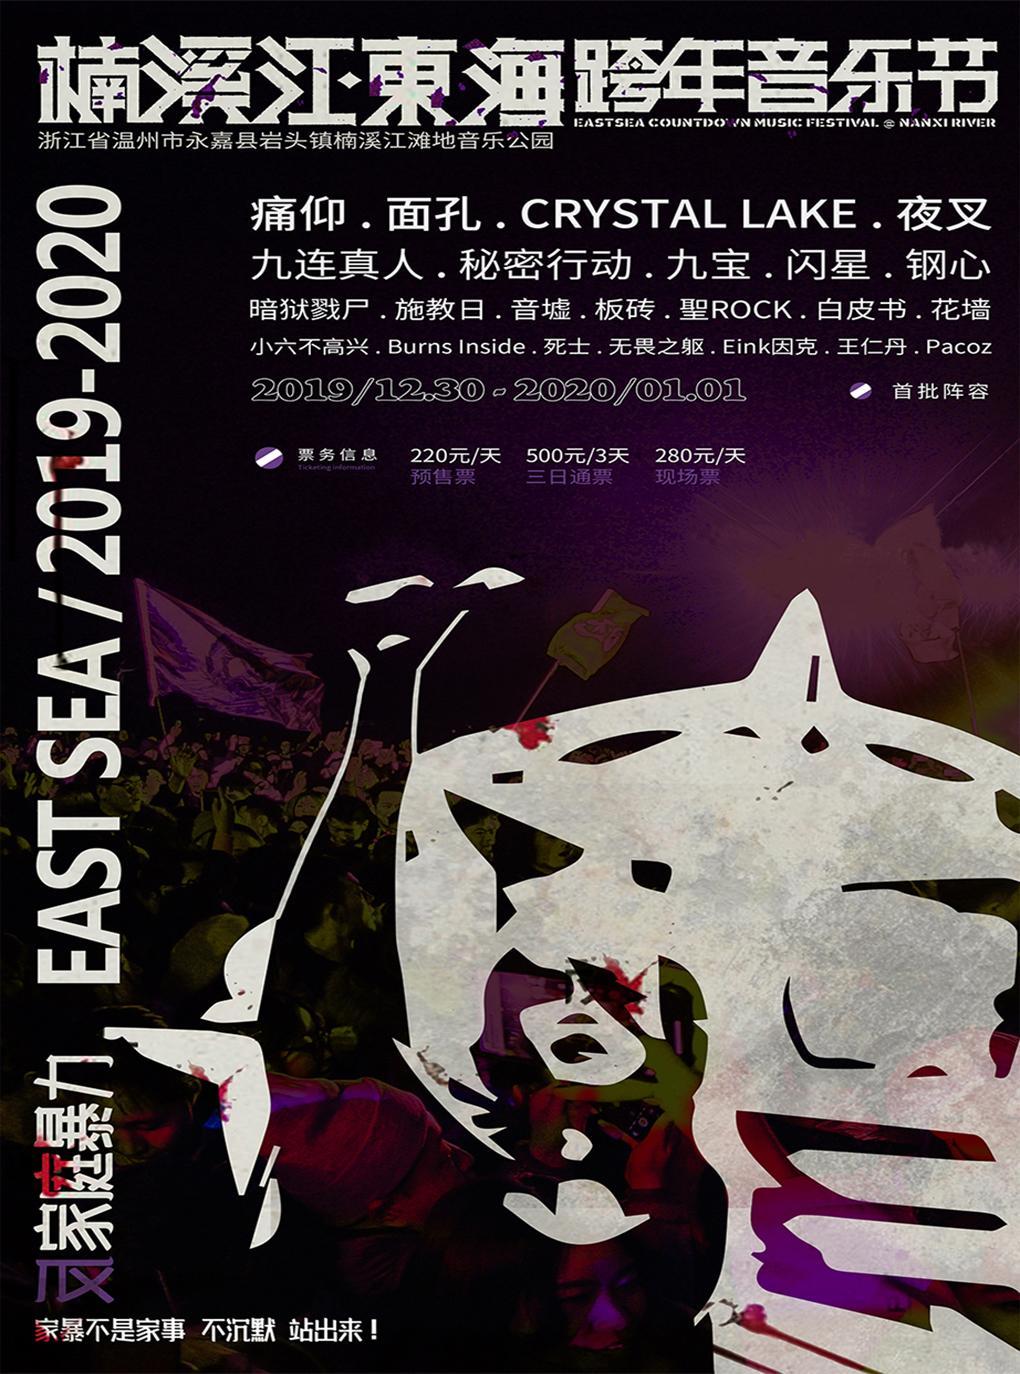 楠溪江·东海跨年音乐节